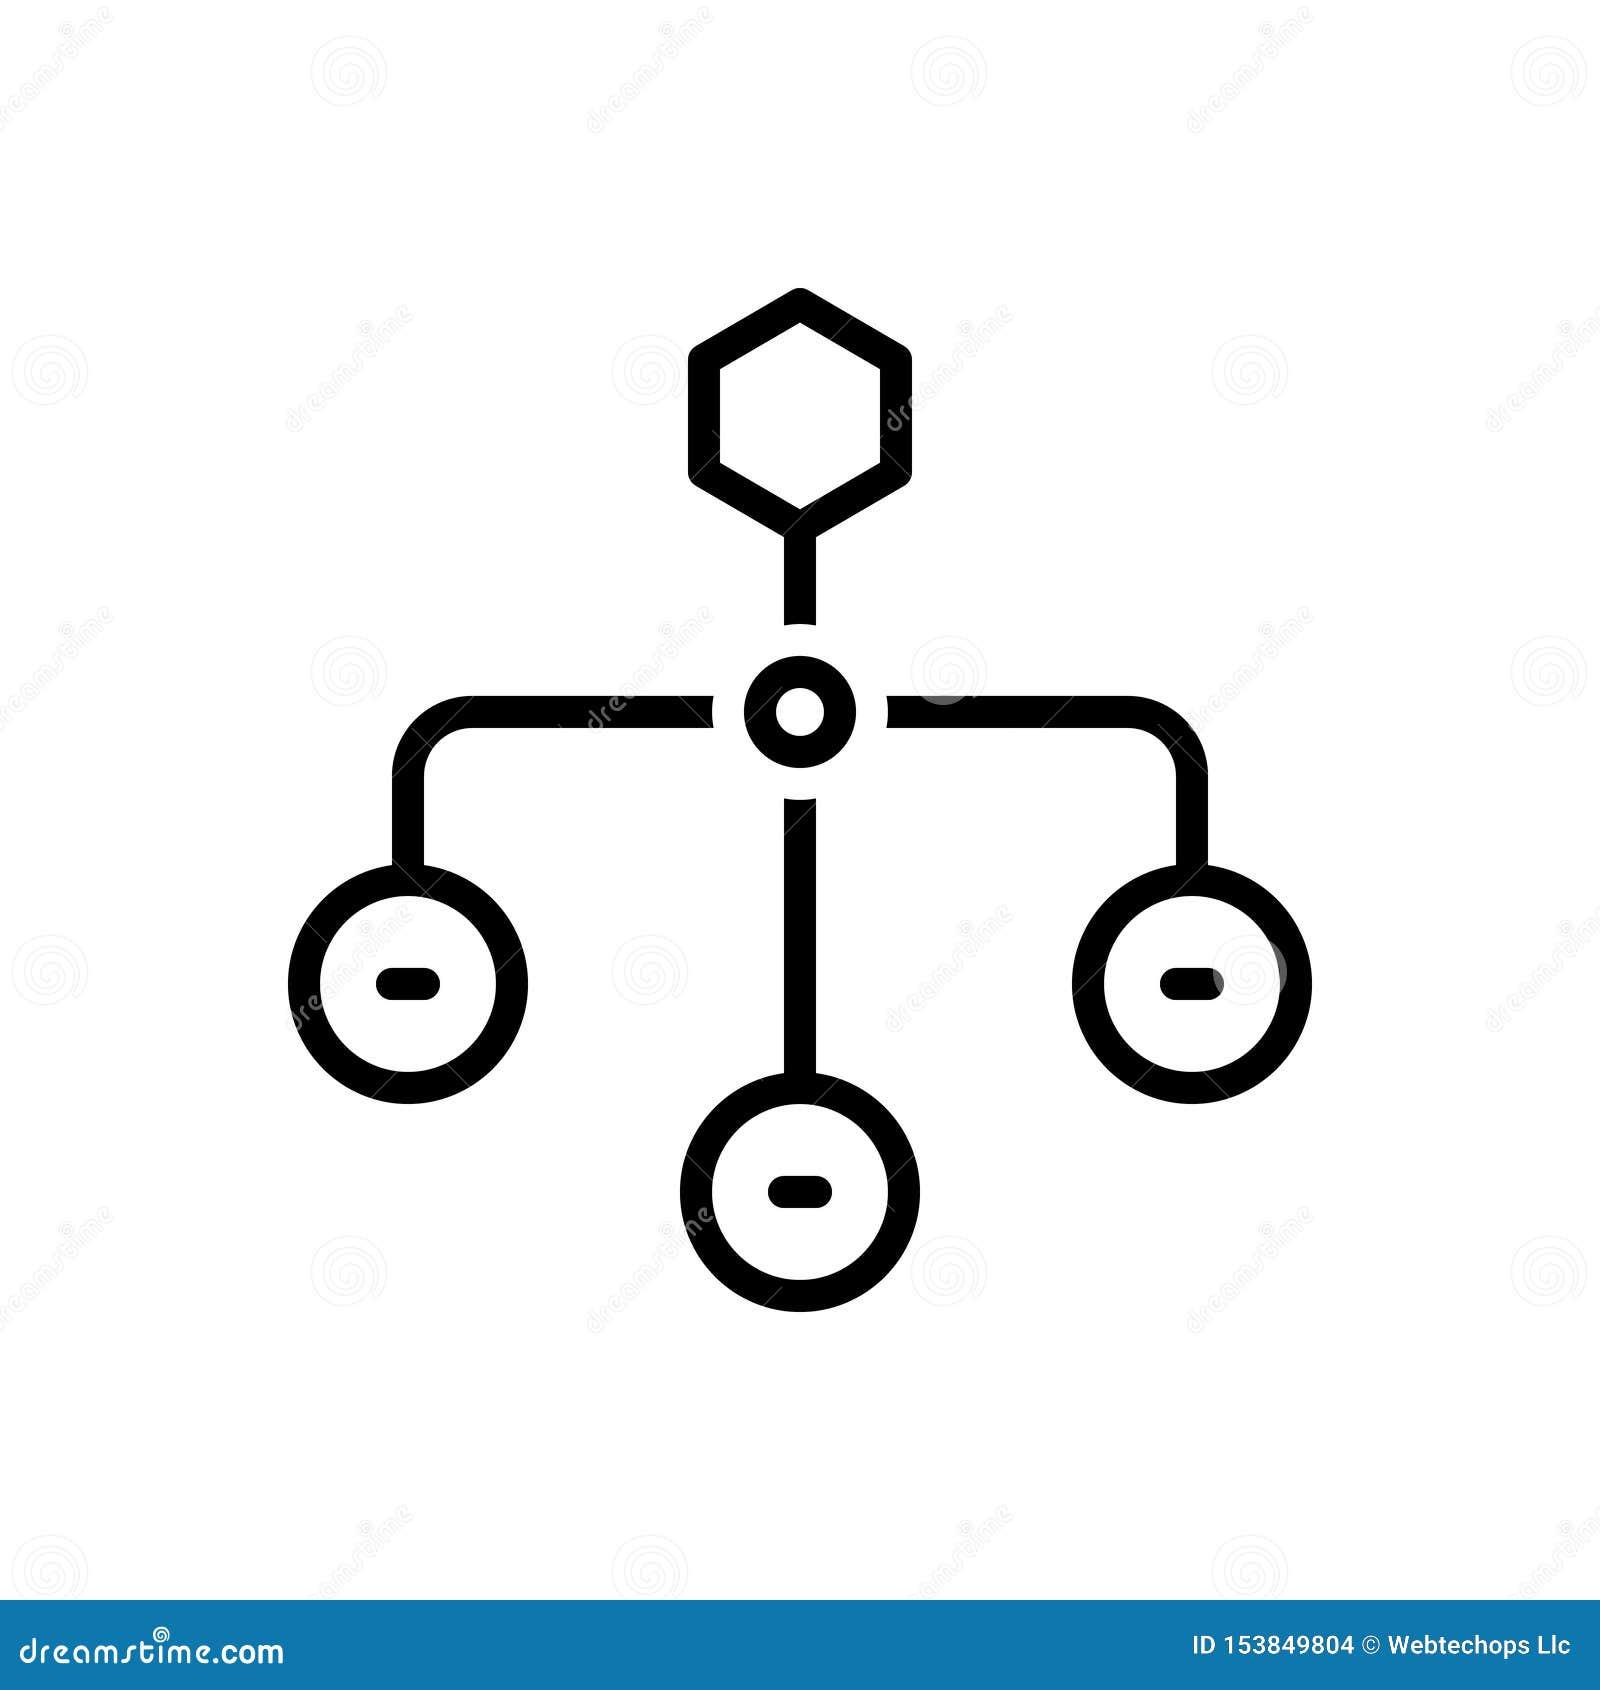 Μαύρο εικονίδιο γραμμών για την ιεραρχικά δομή, sitemap και το σχεδιάγραμμα